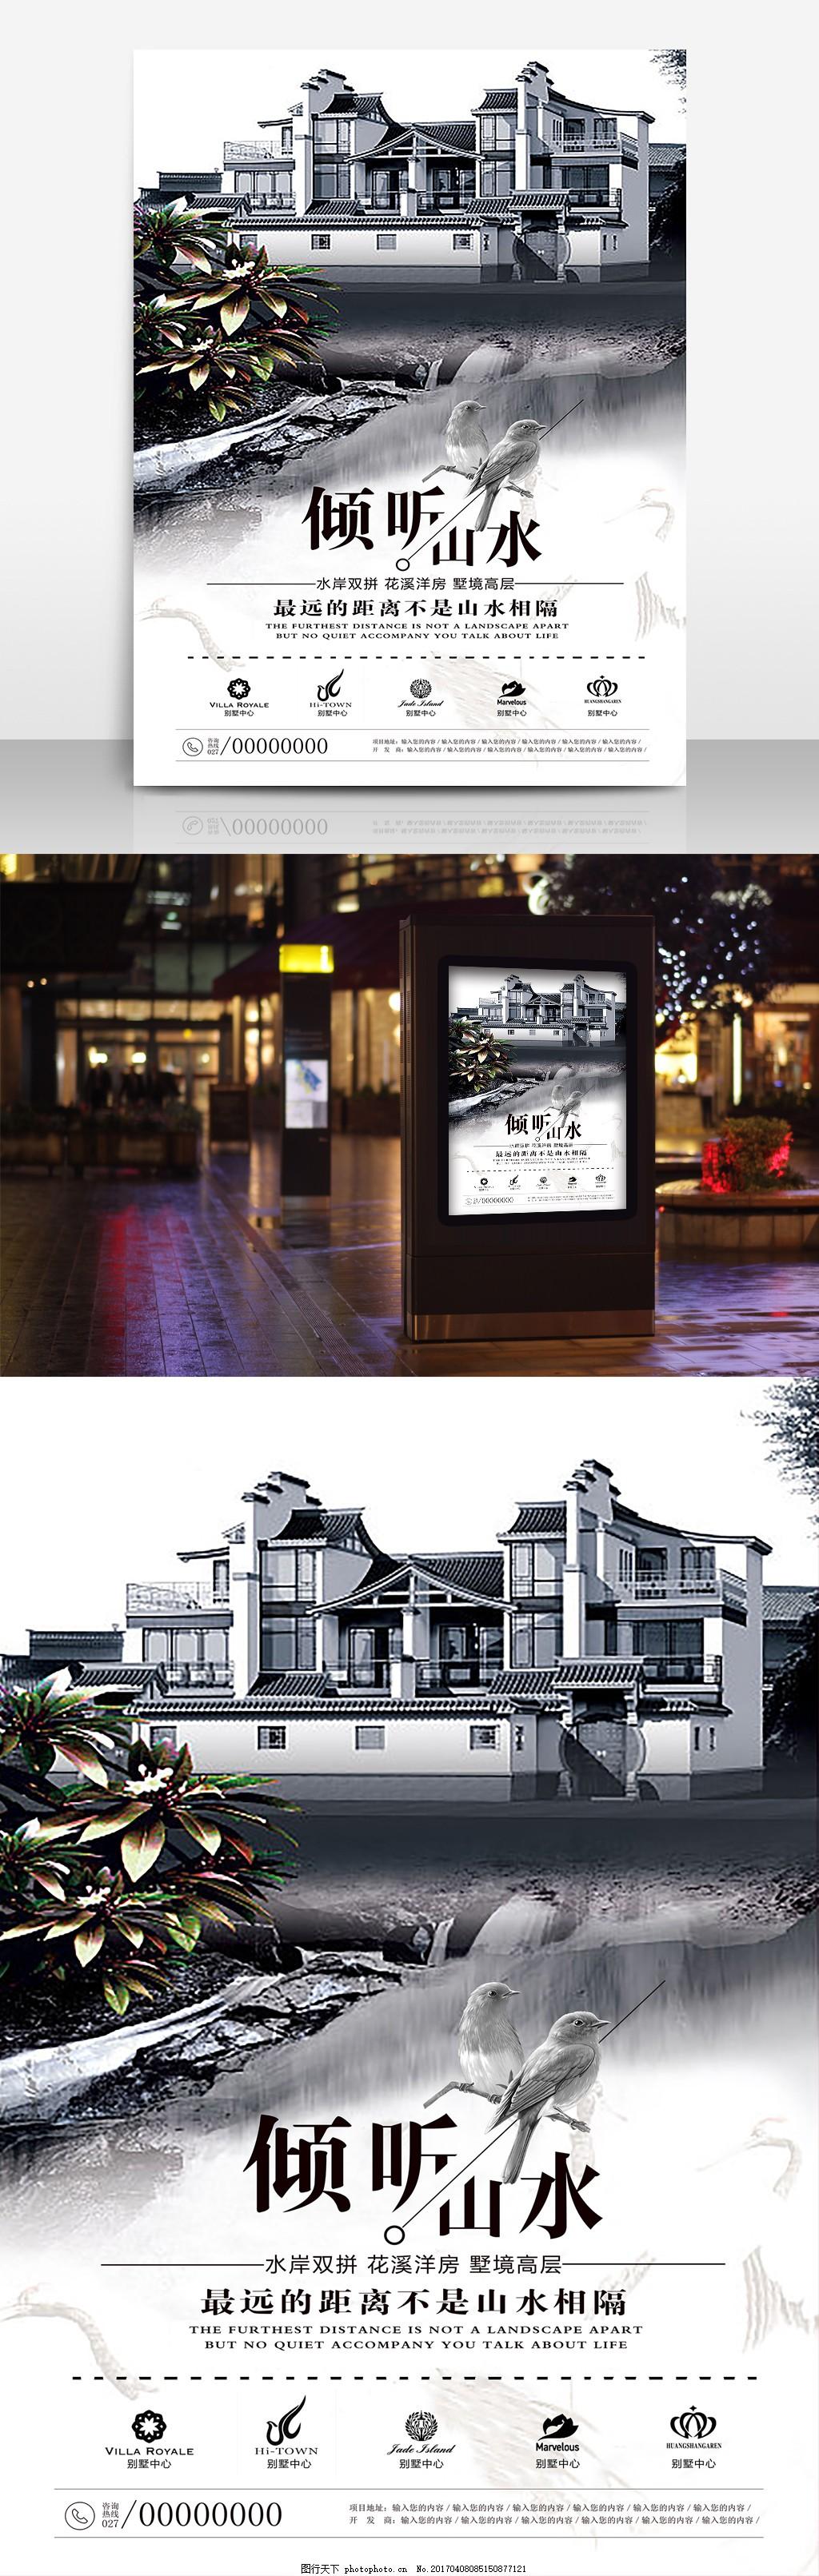 房地产创意海报设计 海报 展板 高炮 户外 房地产别墅 房地产海报